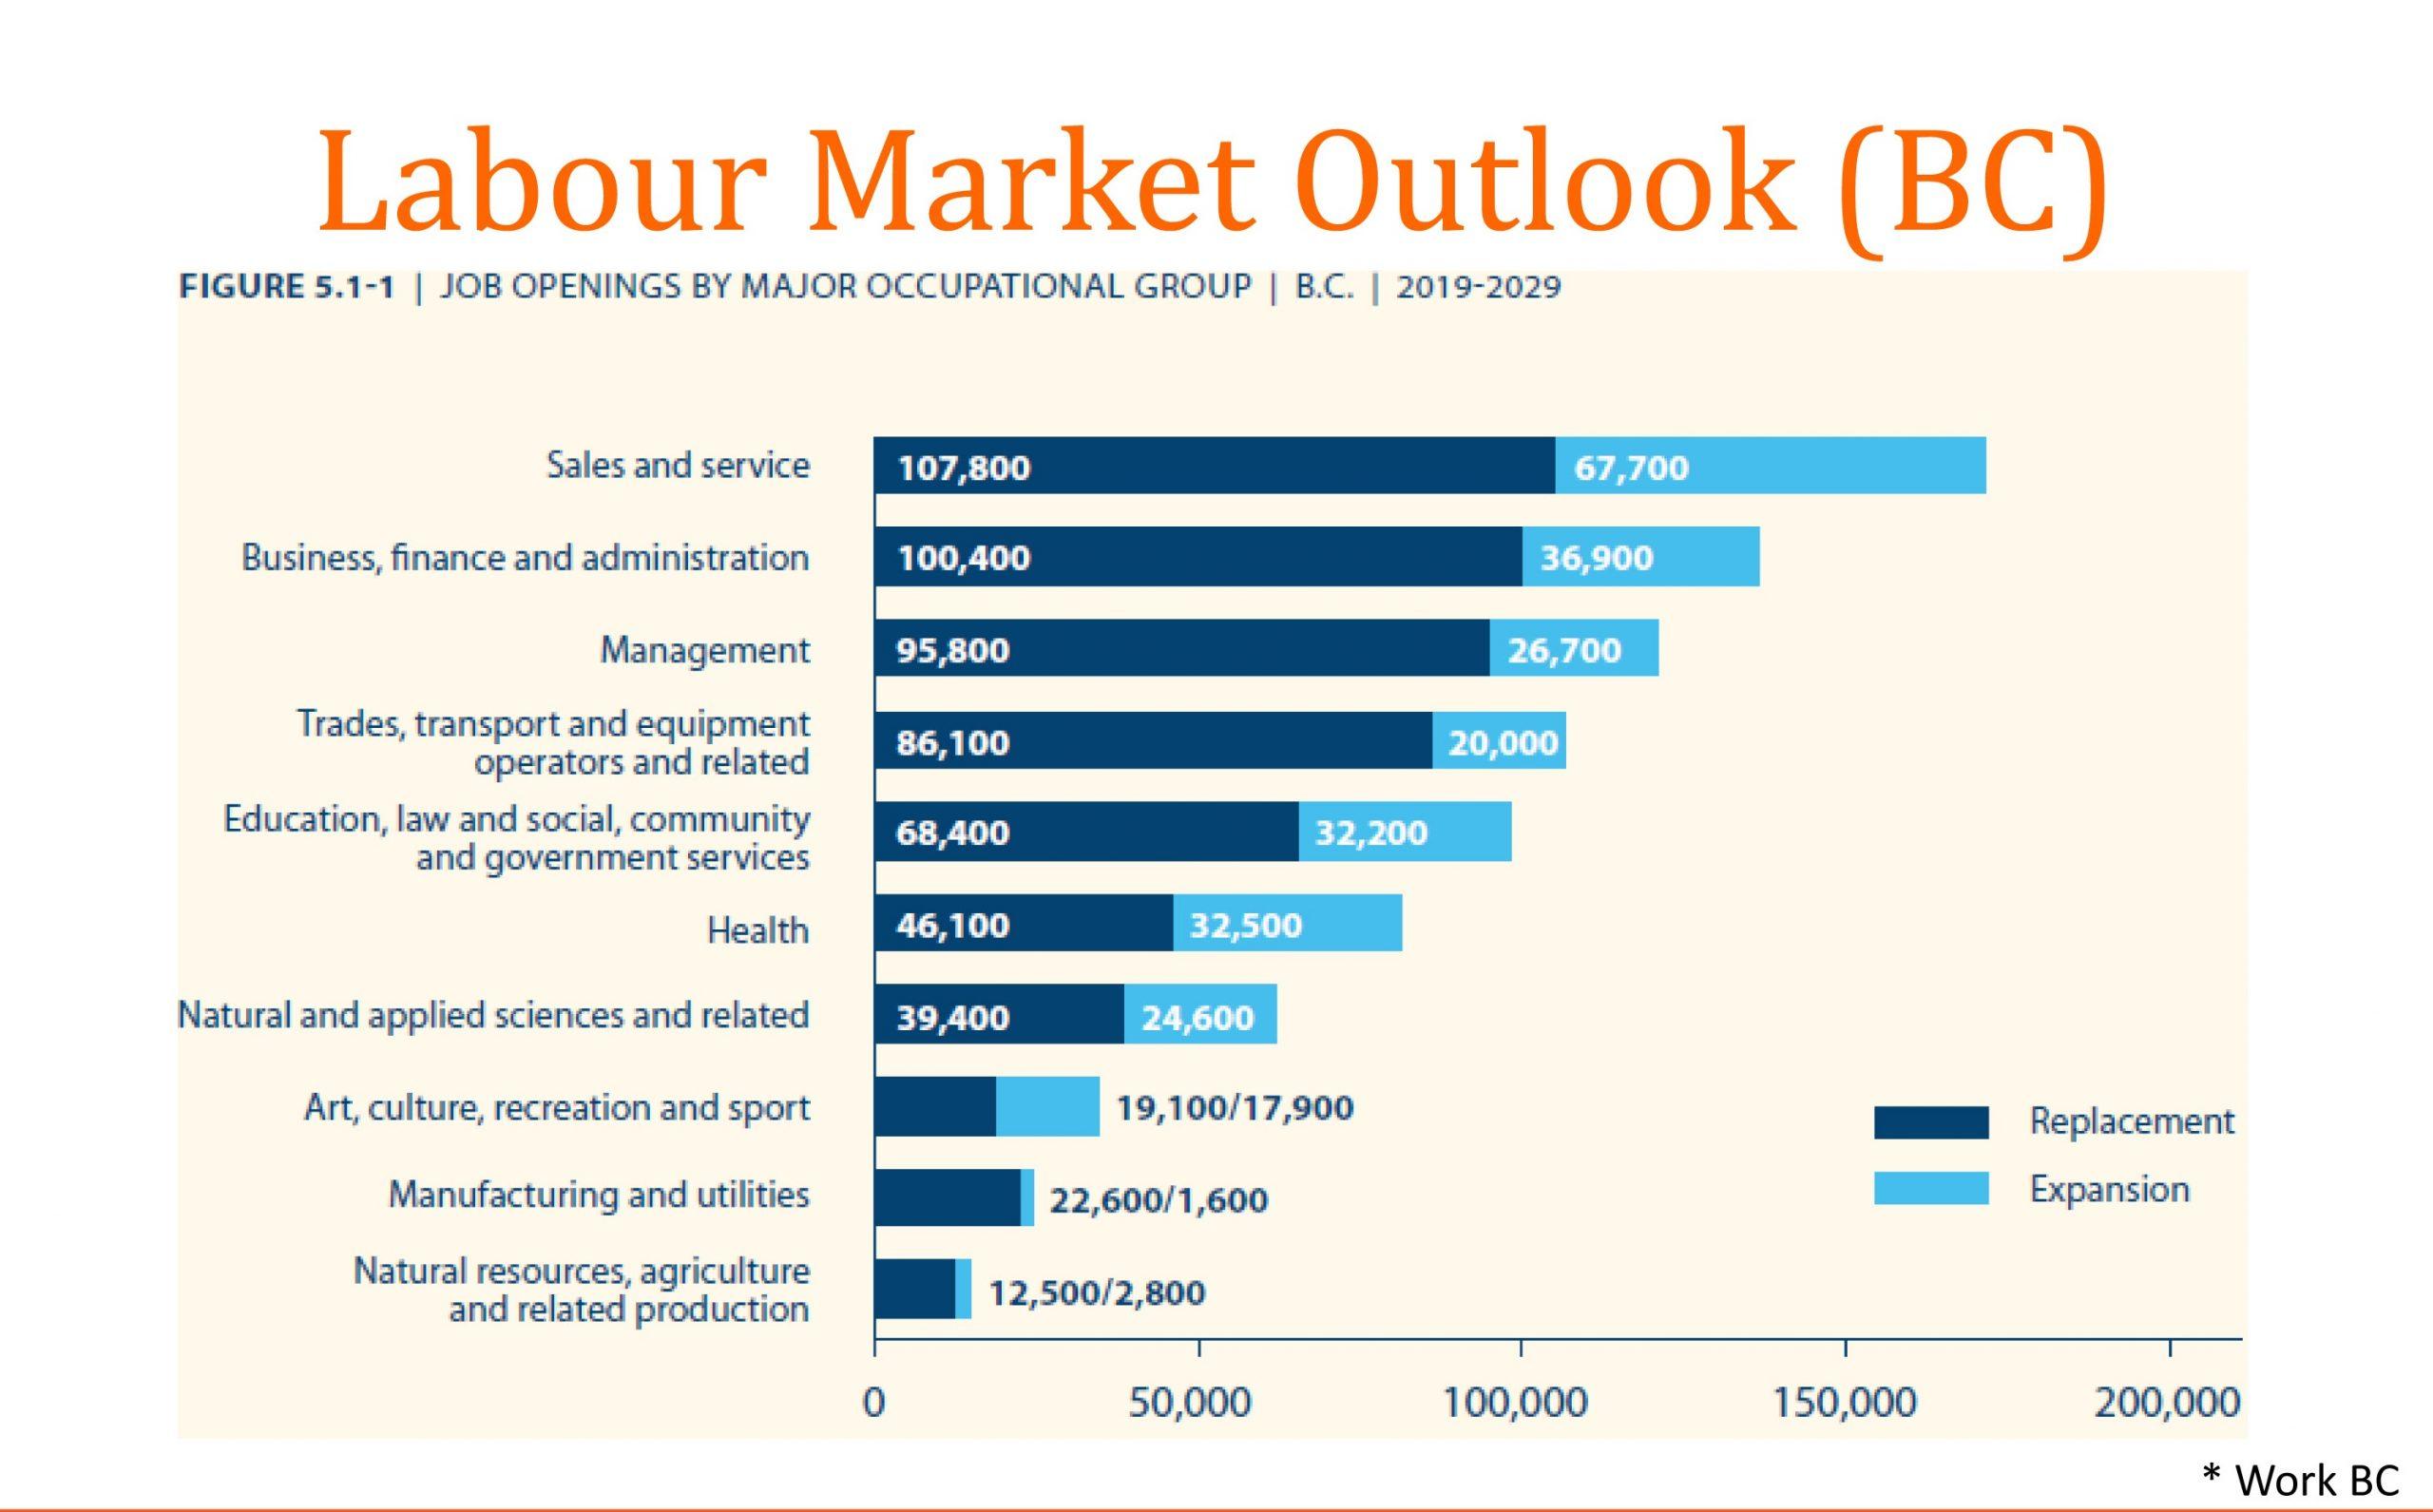 Nhu cầu thị trường và phân bổ ngành nghề tại tỉnh British Columbia (Nguồn: Work BC)